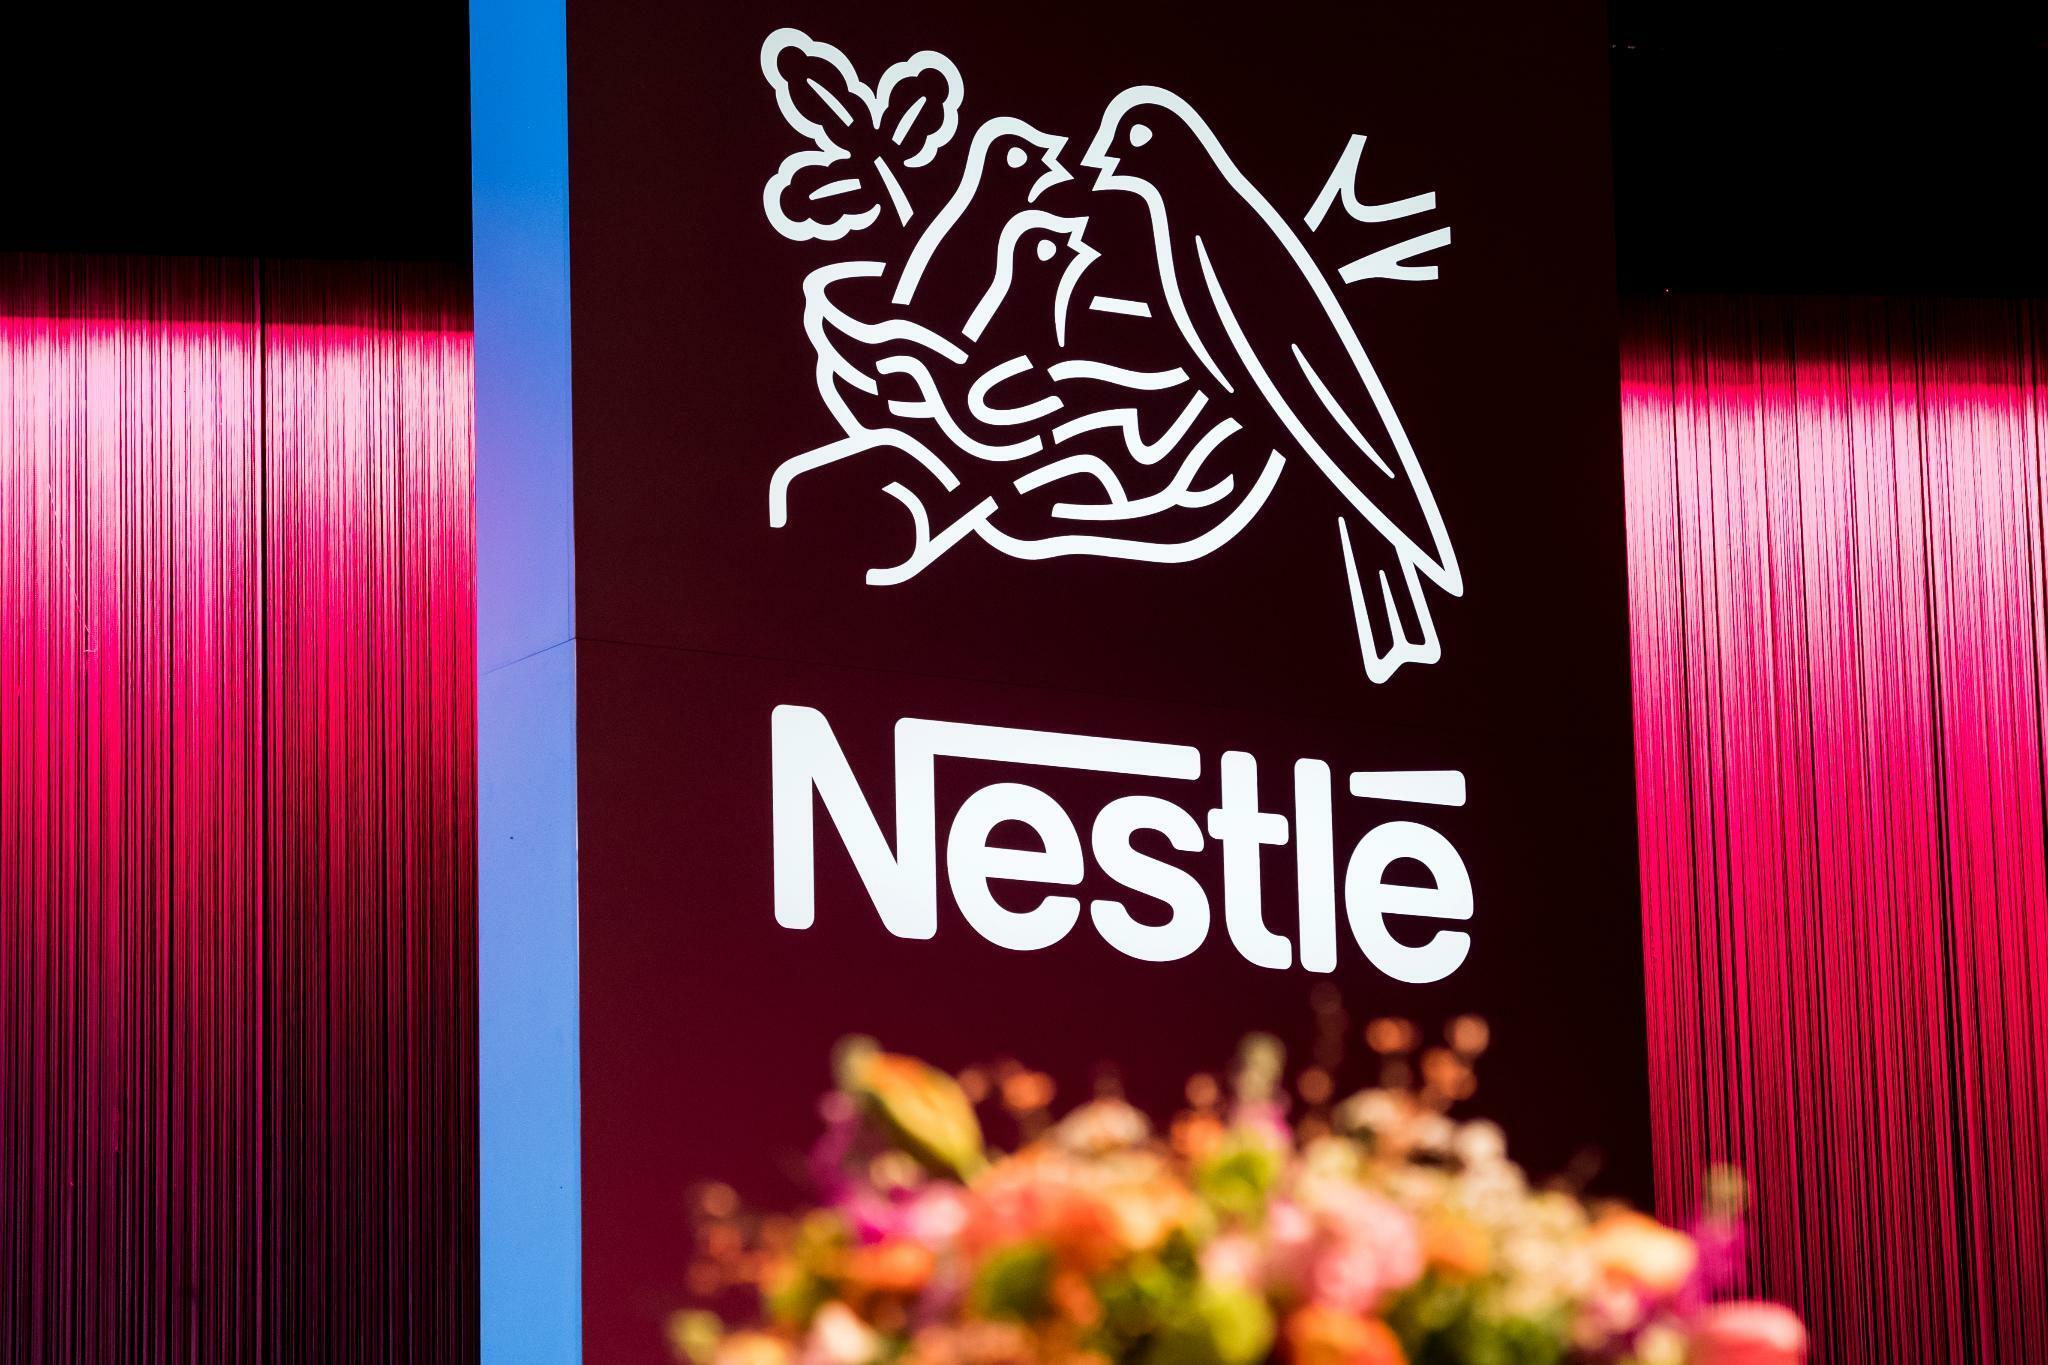 Nestlé Marken: Diese Produkte gehören zum Nahrungsmittelkonzern